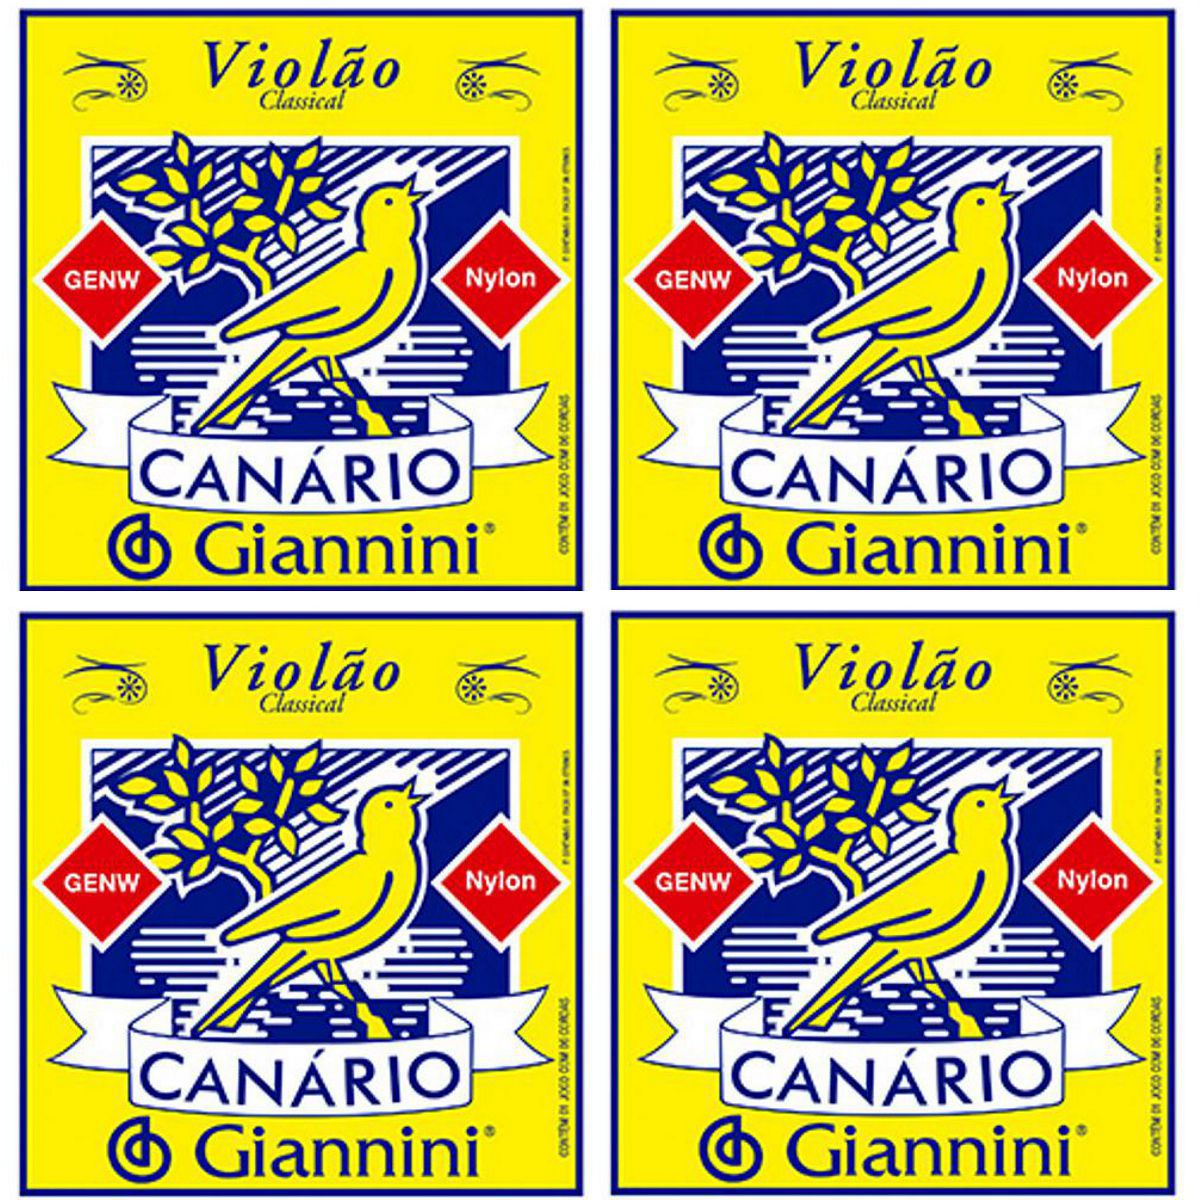 Encordoamento Giannini Canário Violão NYLON - Cordas de NYLON para Violão - GENW - 04 Jogos